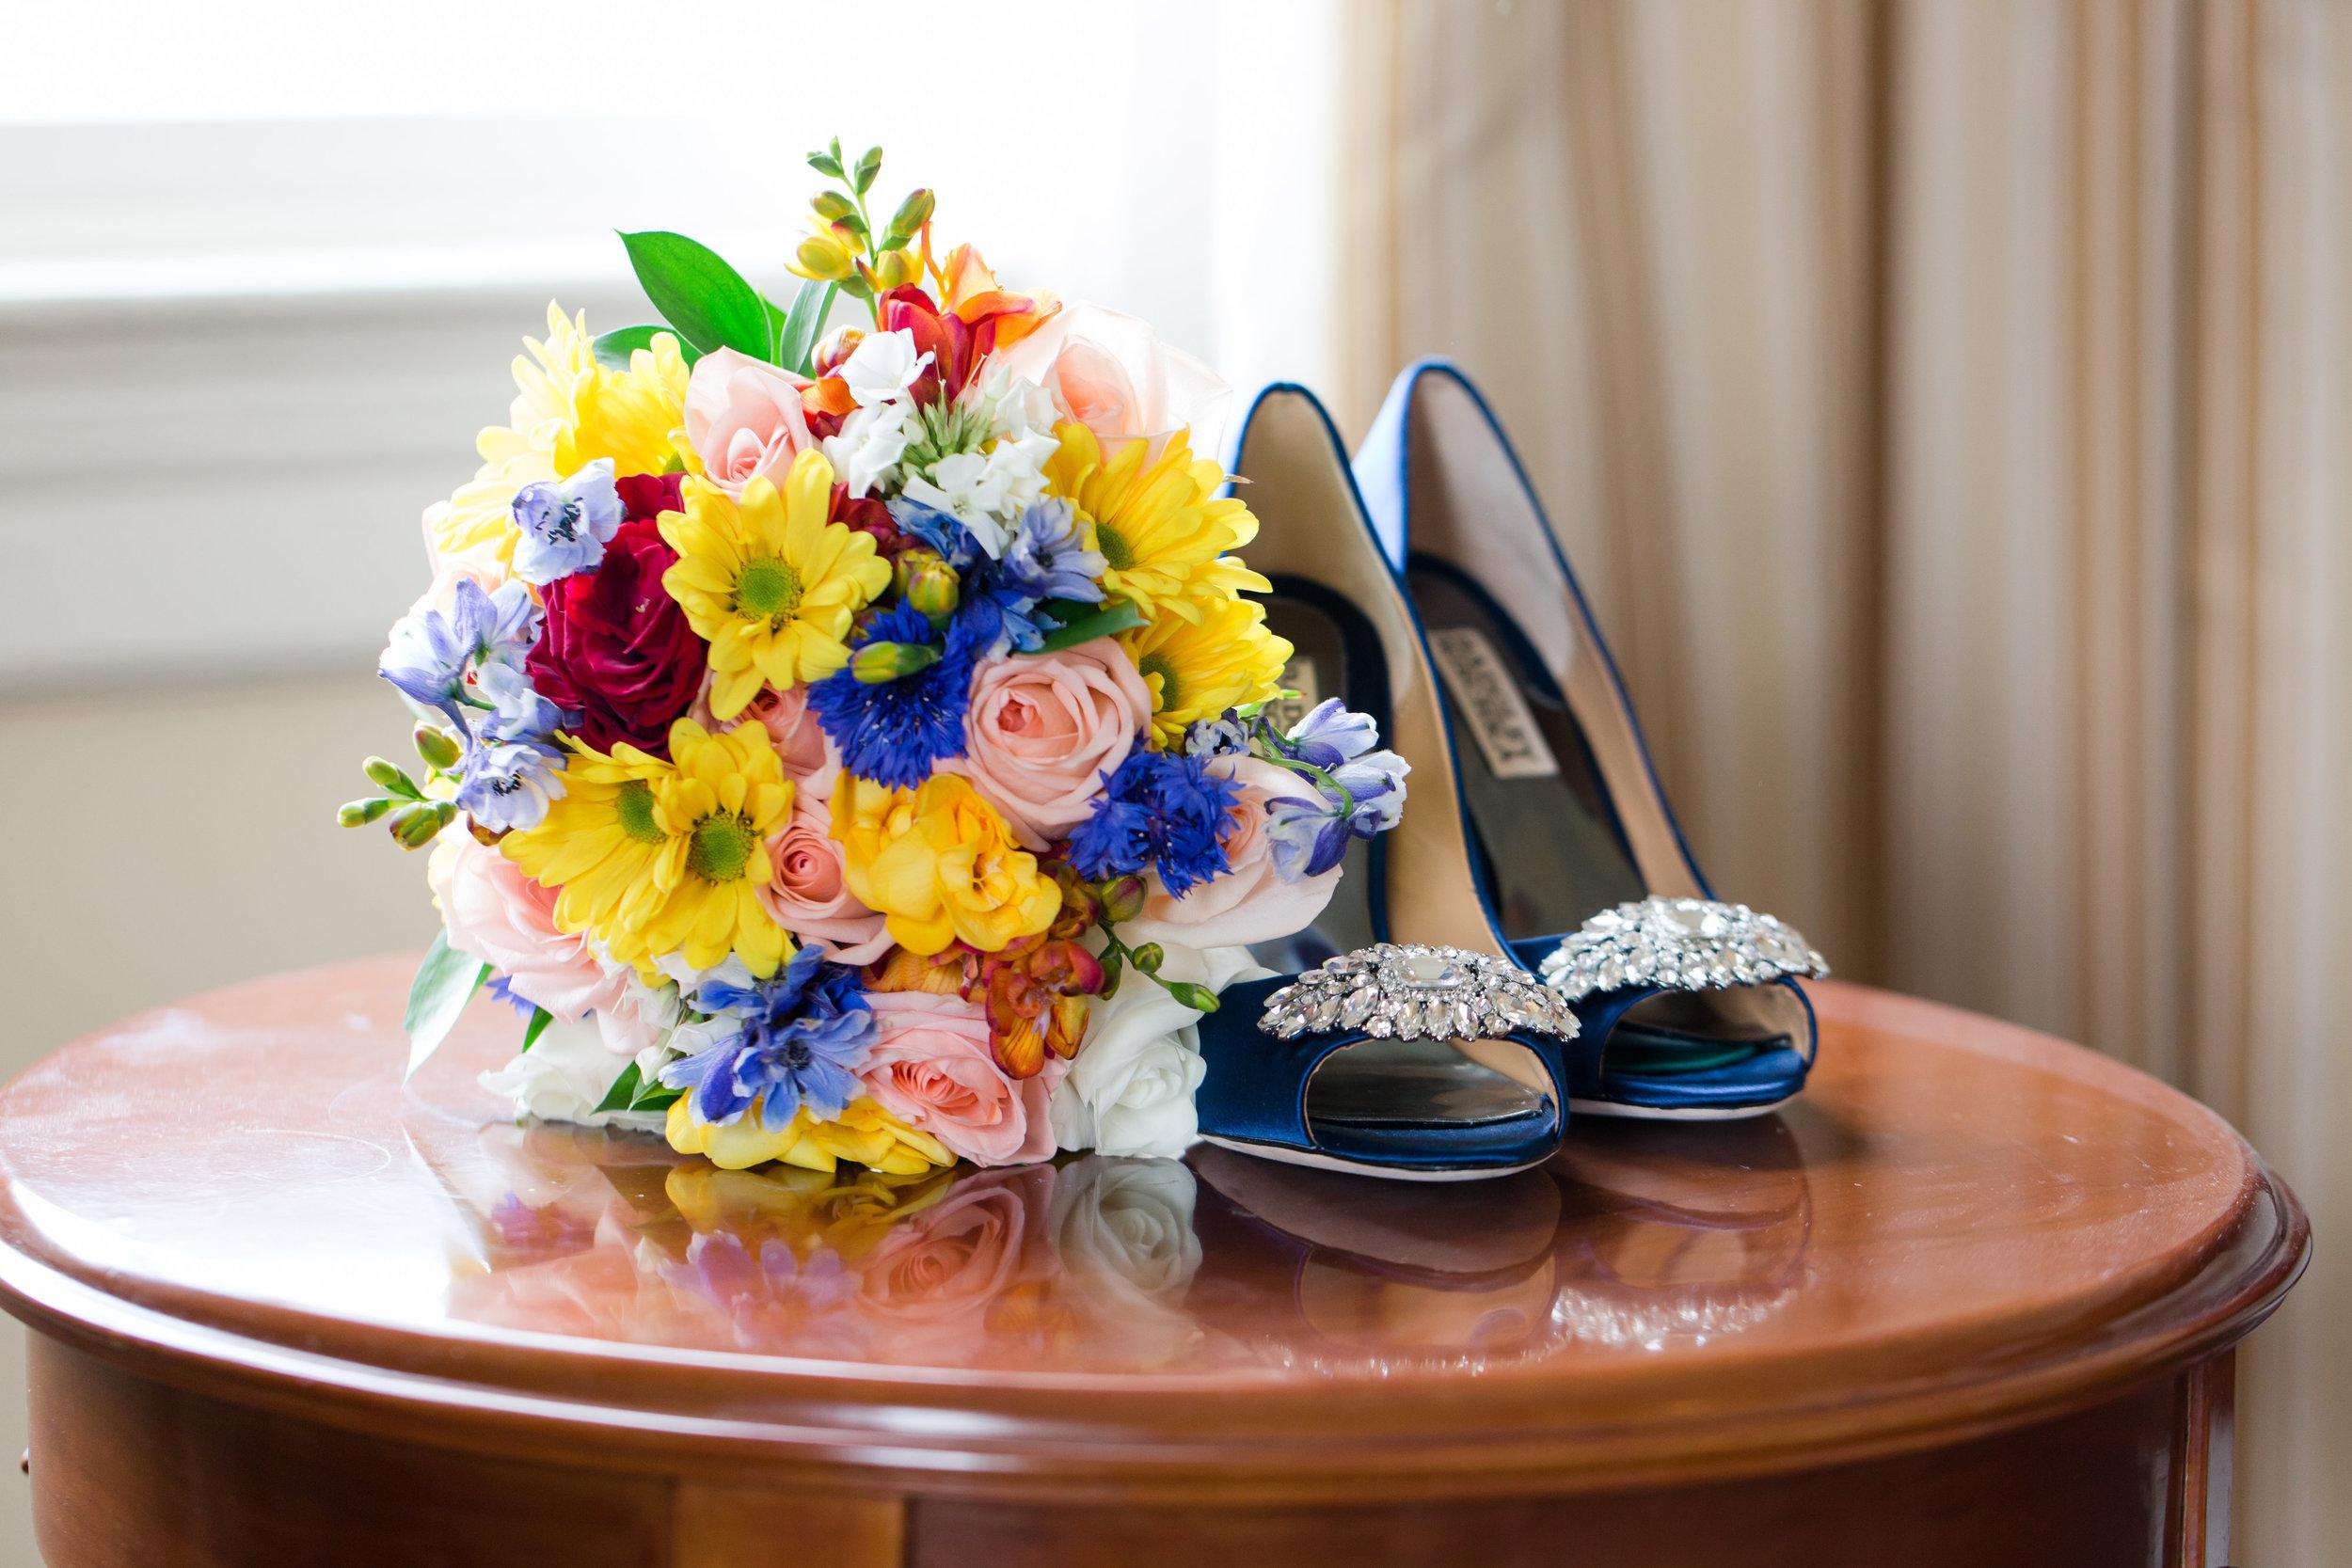 Blue Wedding Bridal Heels - A Classic George Washington Hotel Wedding - Photography by Marirosa